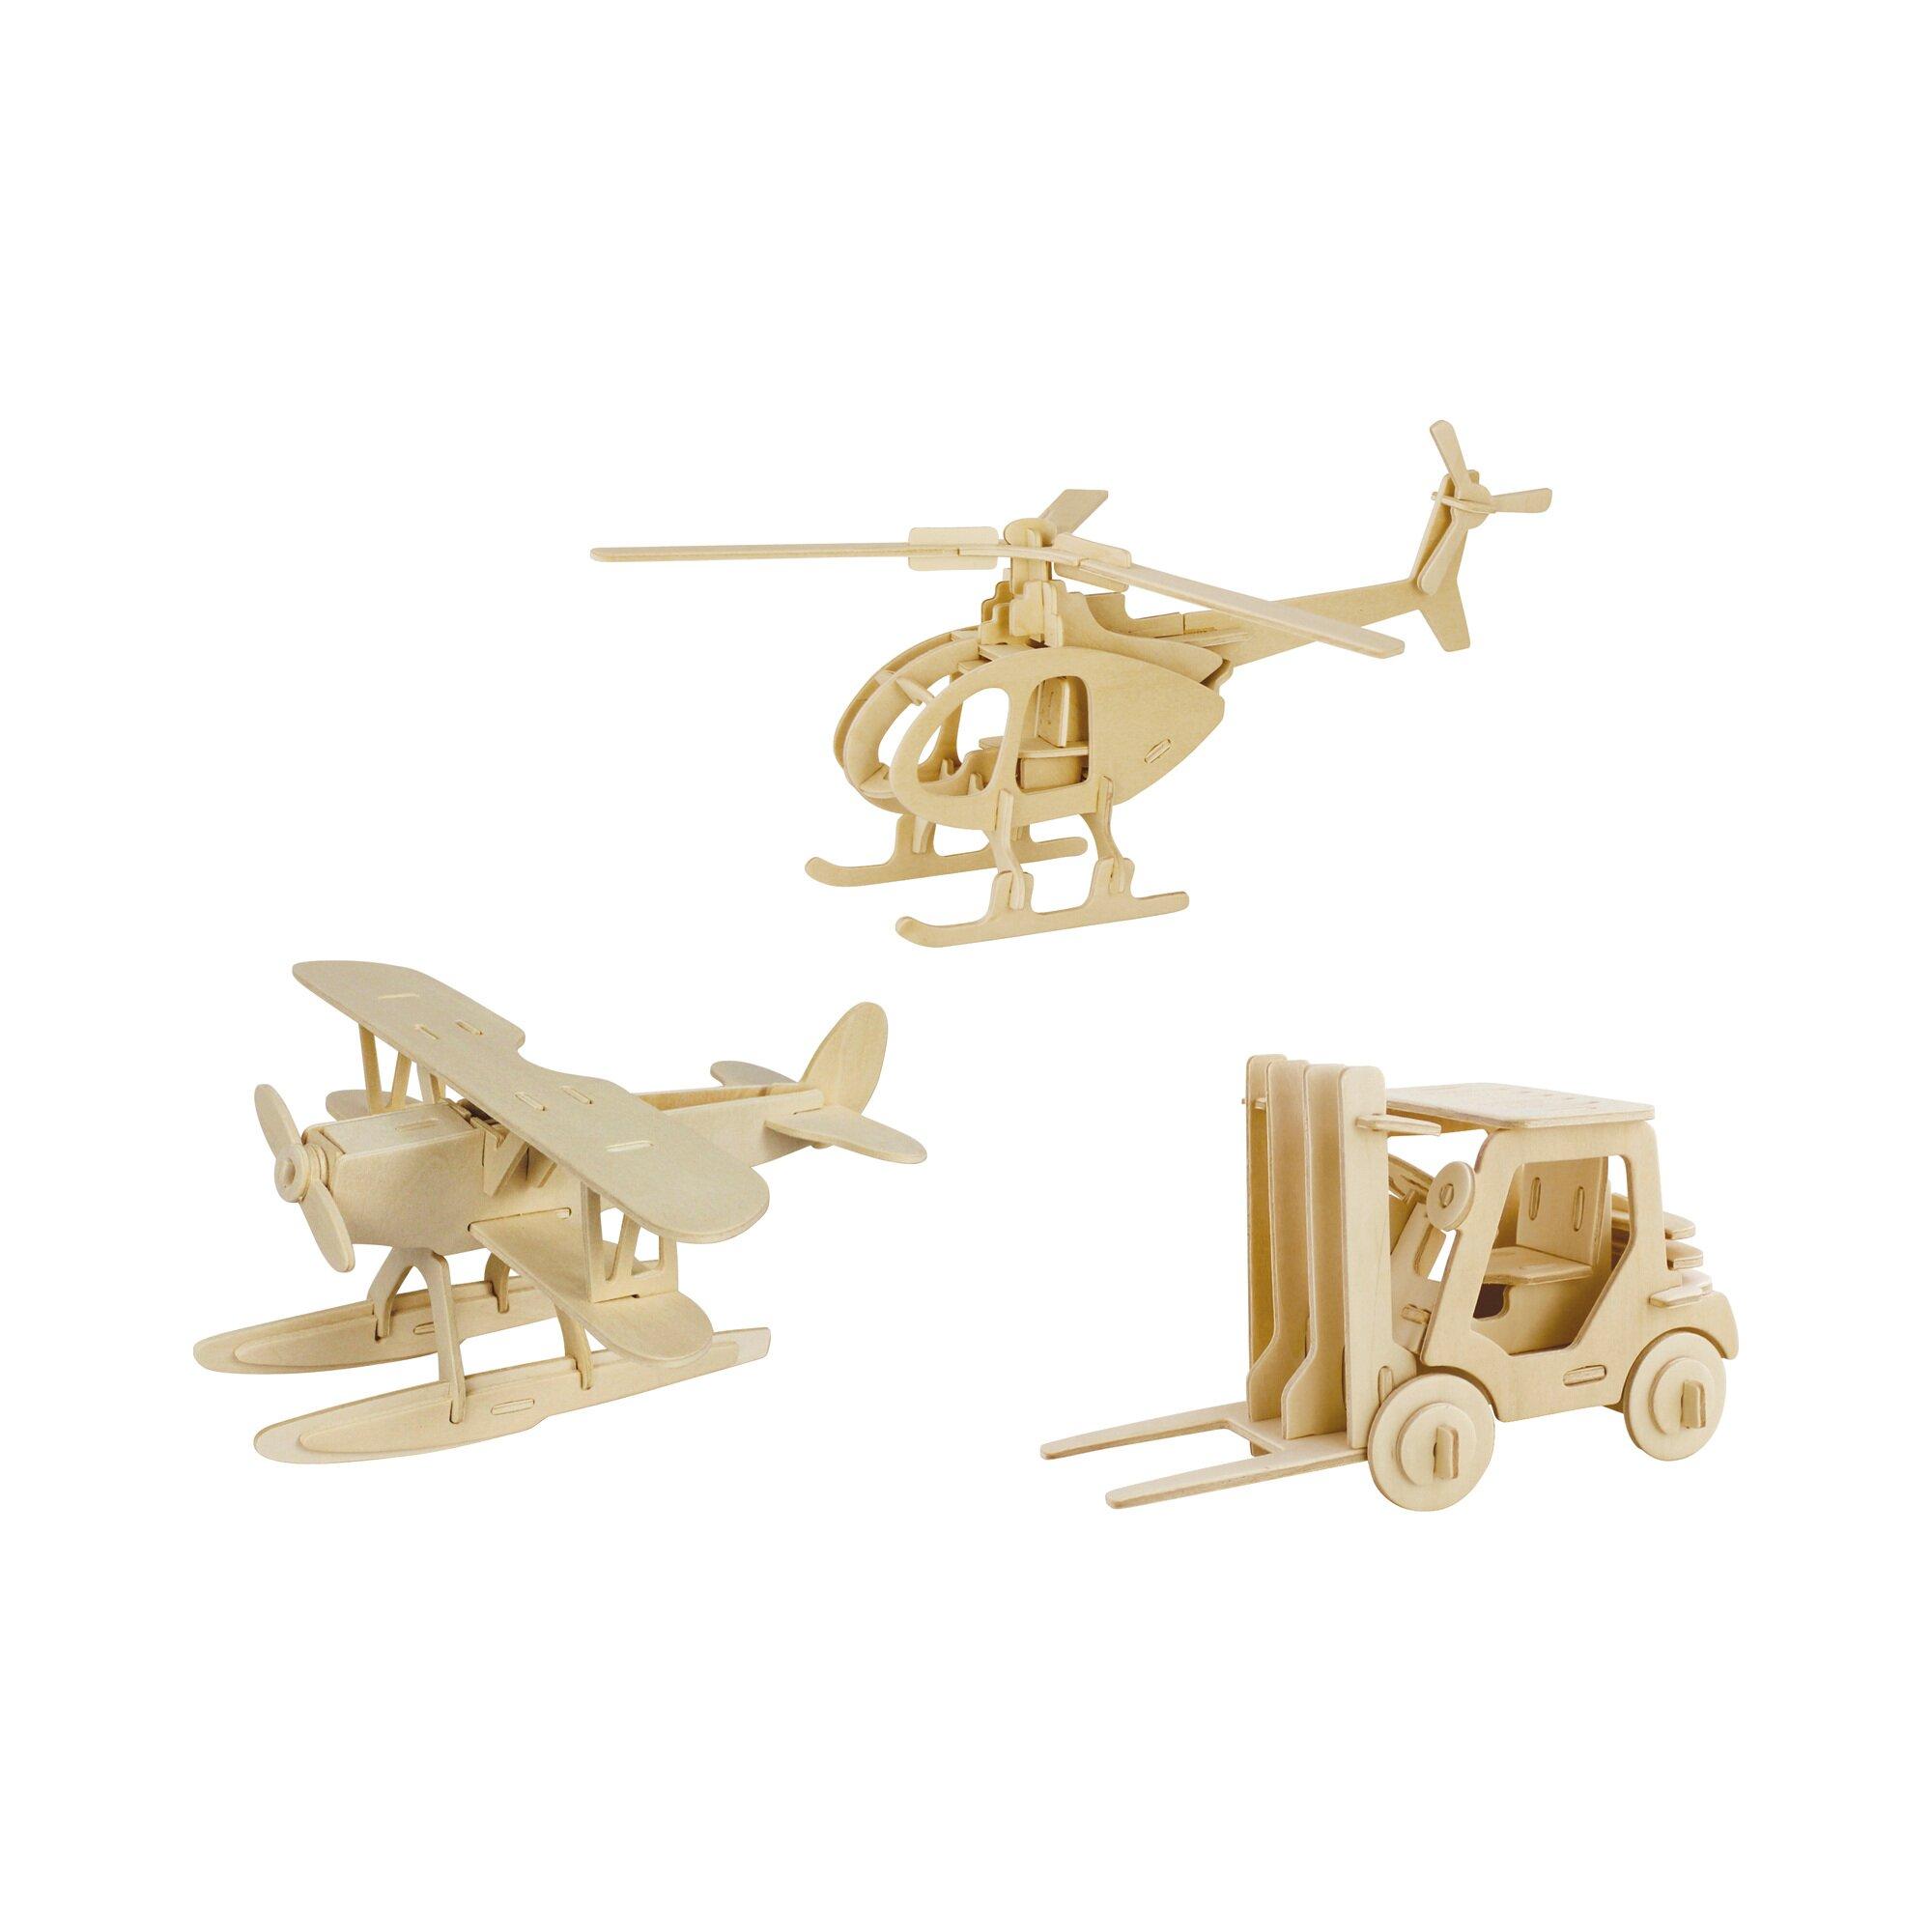 eichhorn-3d-puzzle-3er-set